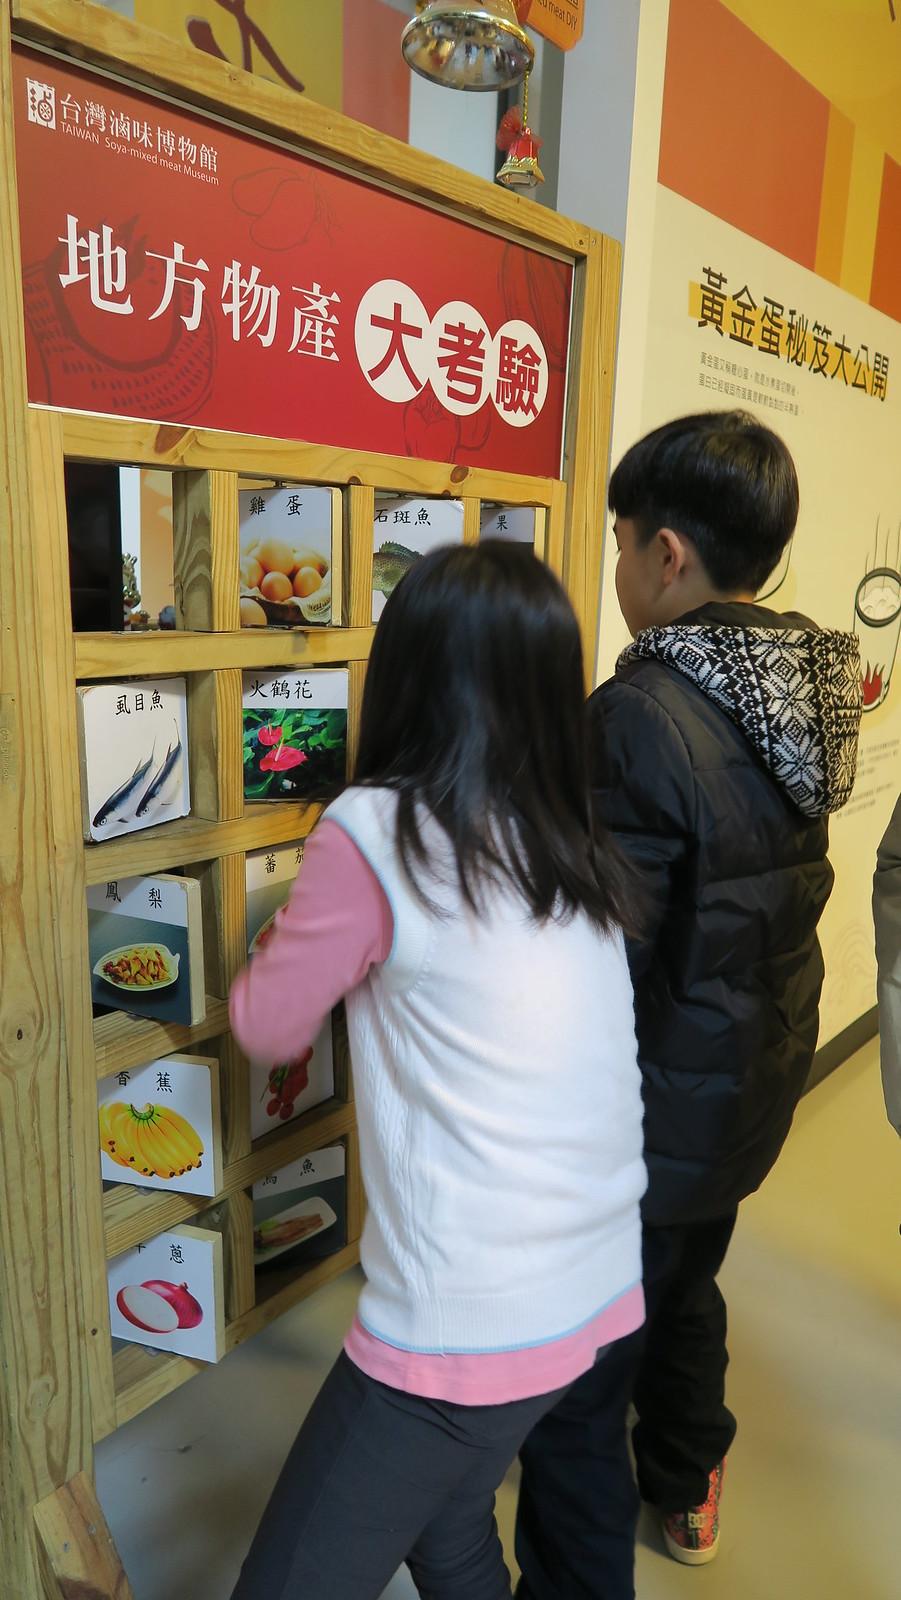 高雄岡山滷味博物館 (43)